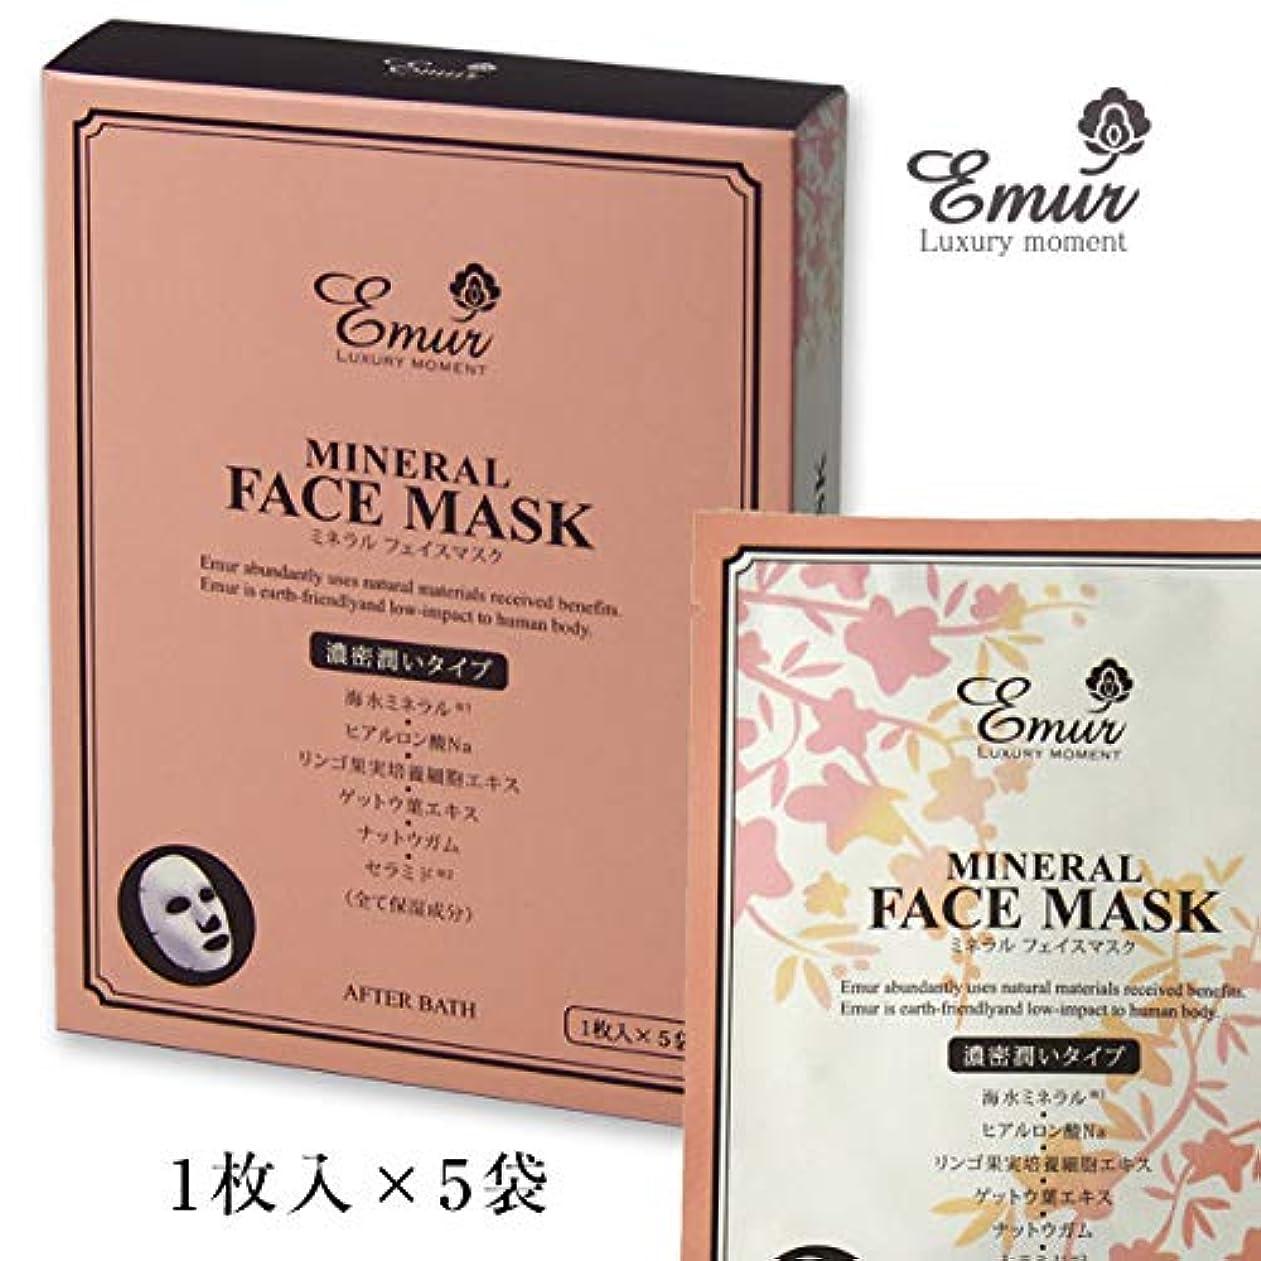 消す力仮装エミュール ミネラル フェイスマスク 1枚入×5袋